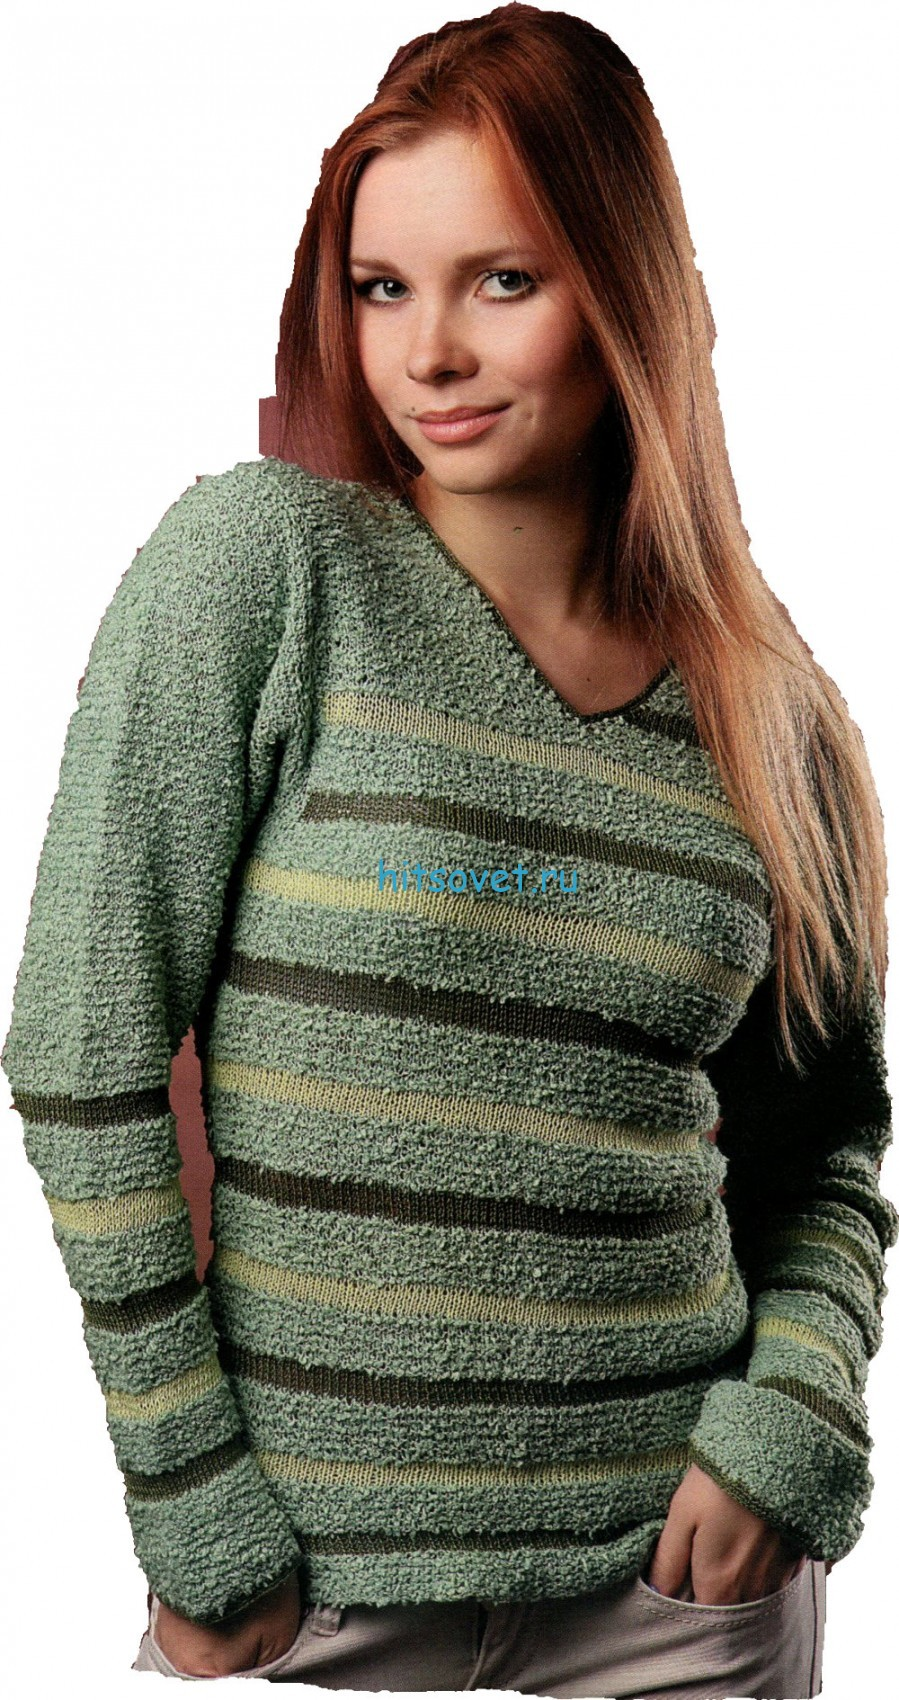 Вязание пуловера спицами с v-образным вырезом